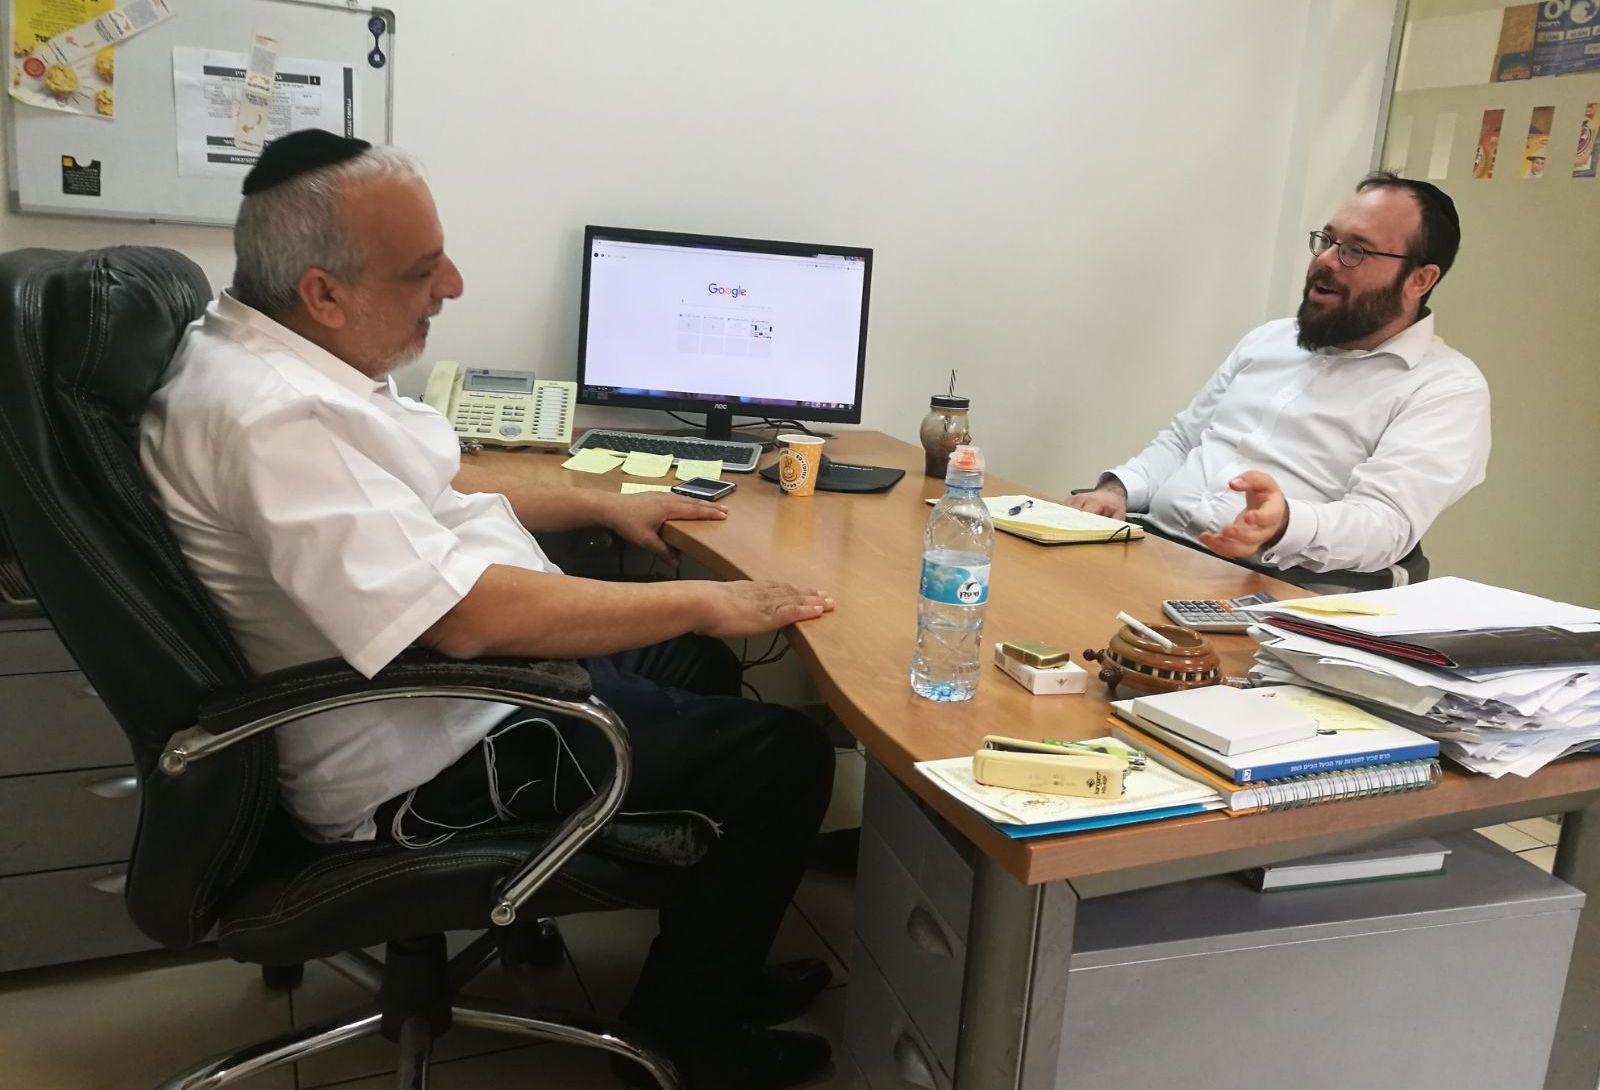 האסטרטג • ראיון עם יגאל רווח 3